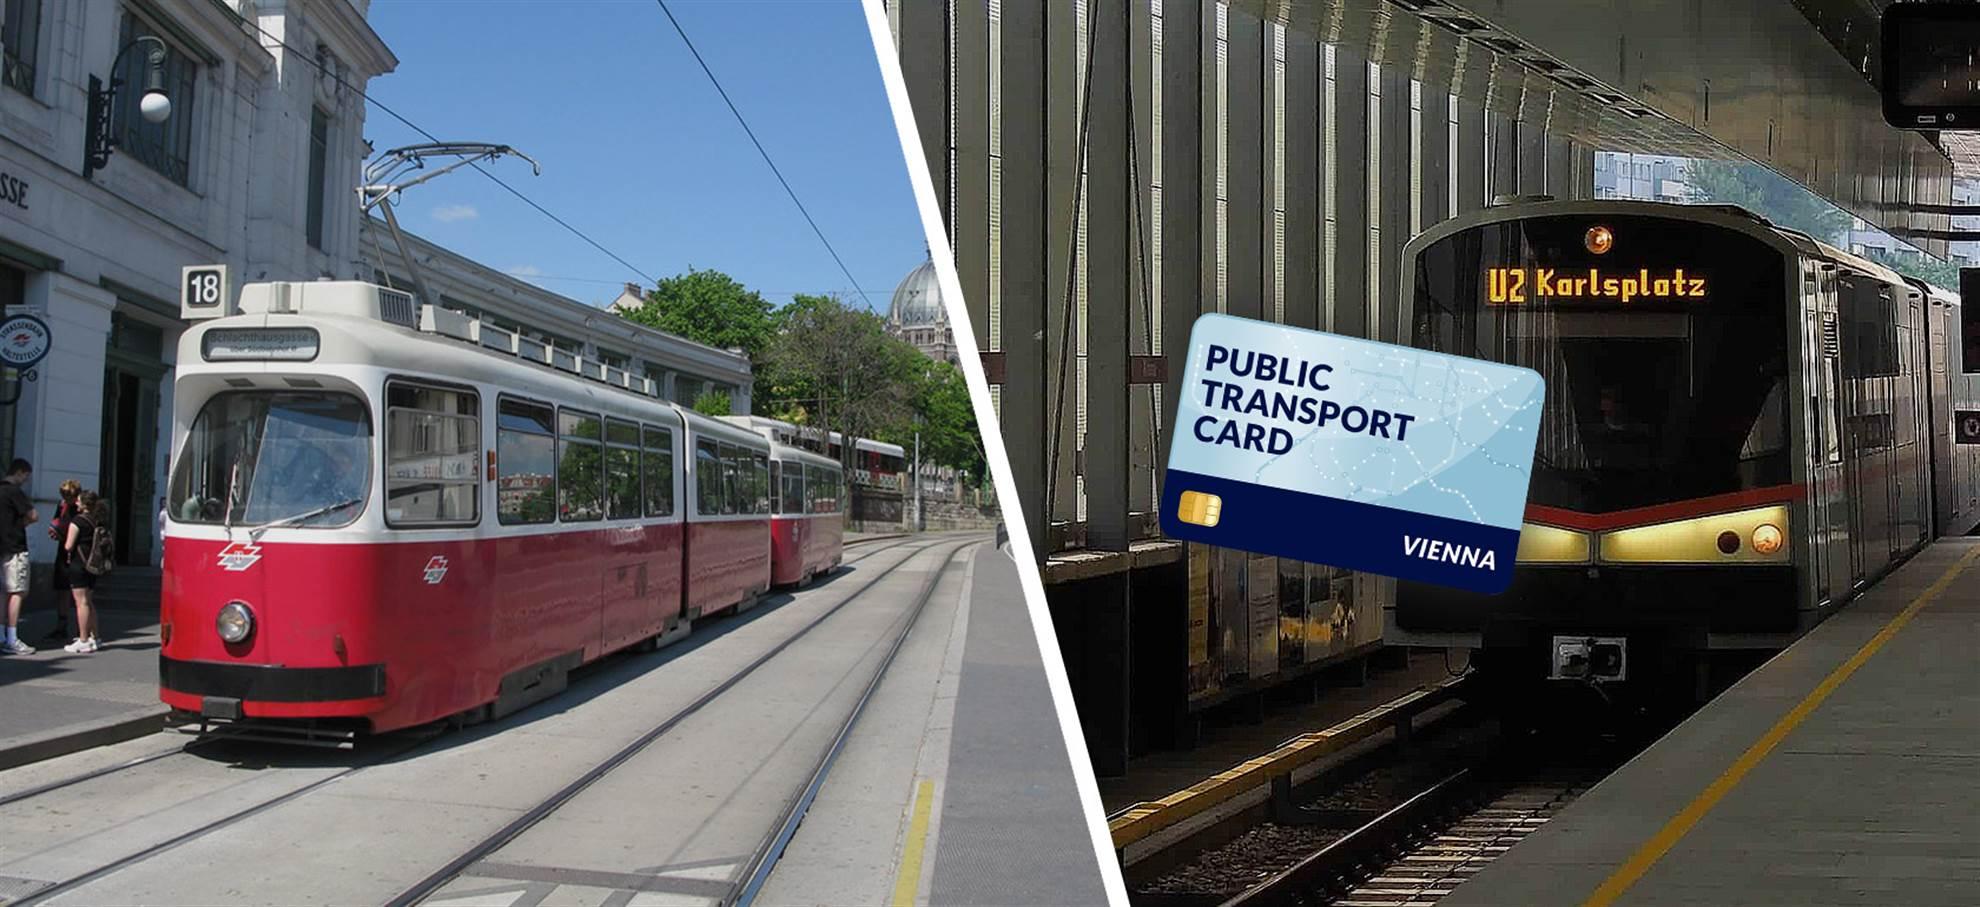 Wien Travel Card